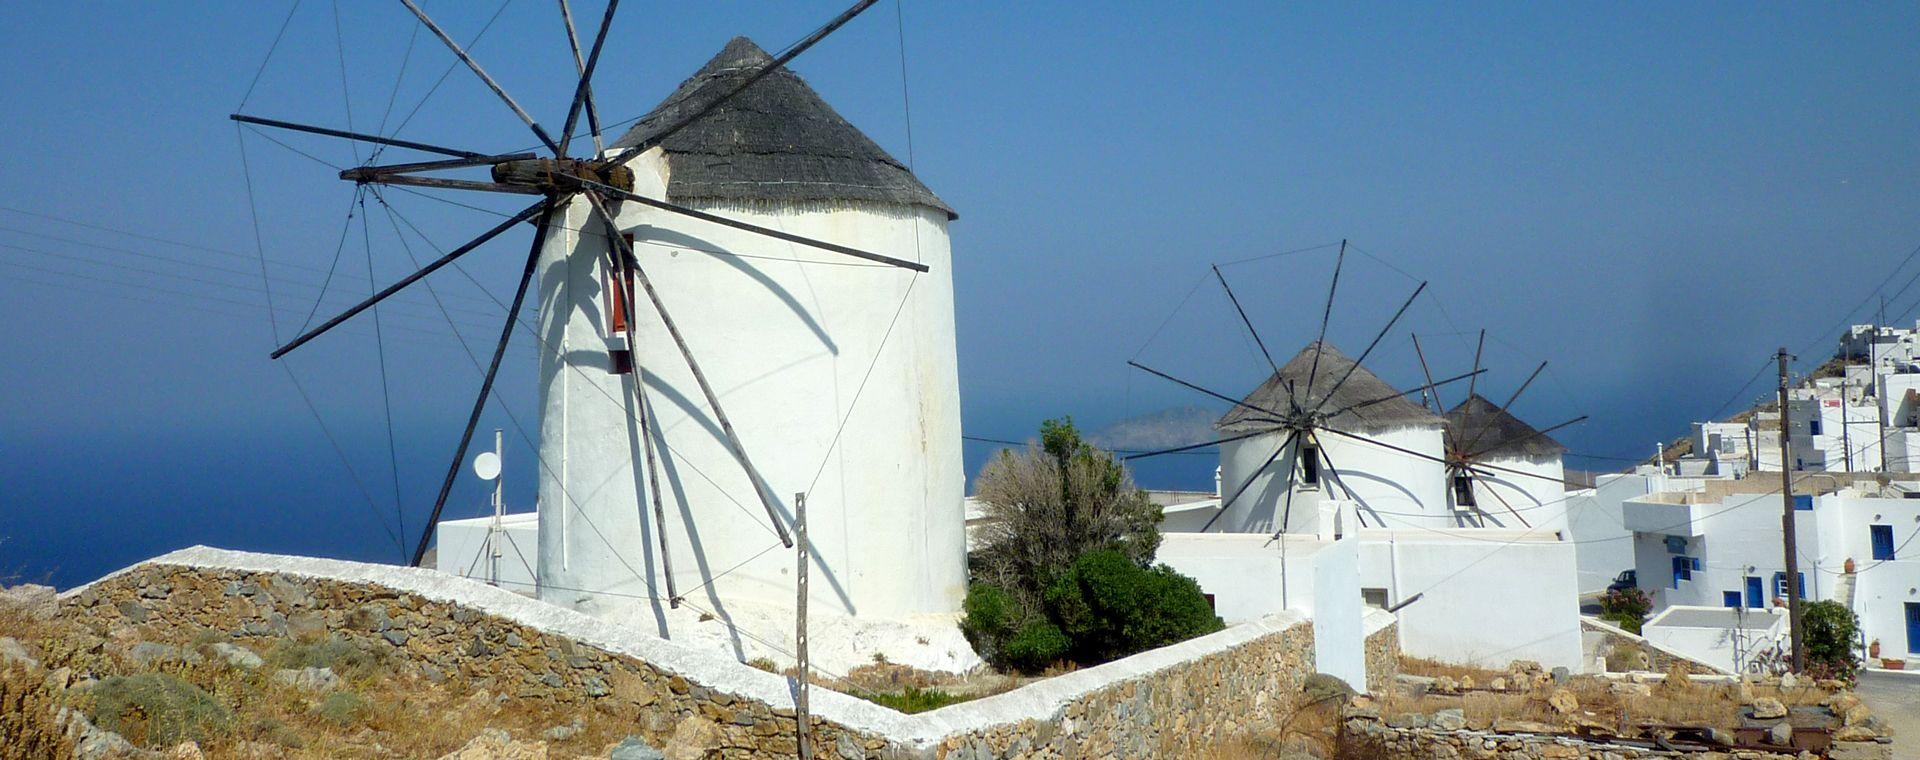 Voyage à pied : Les Cyclades : Sérifos, Sifnos et Milos